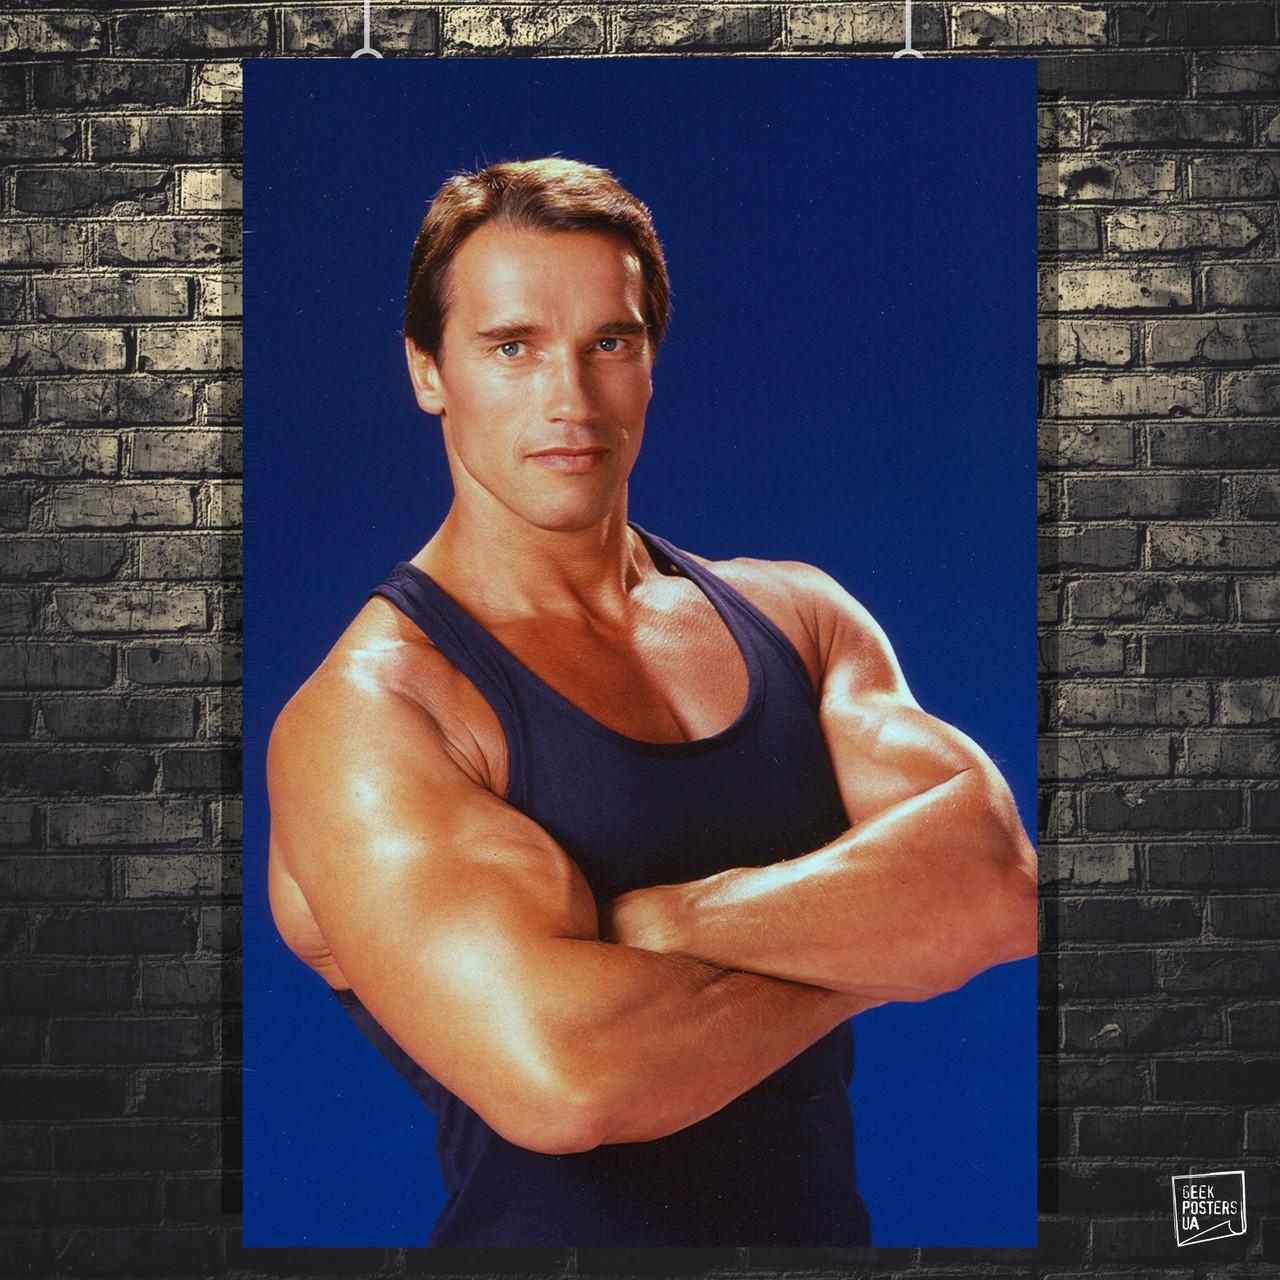 Постер Арнольд Шварценеггер в молодости. Размер 60x42см (A2). Глянцевая бумага